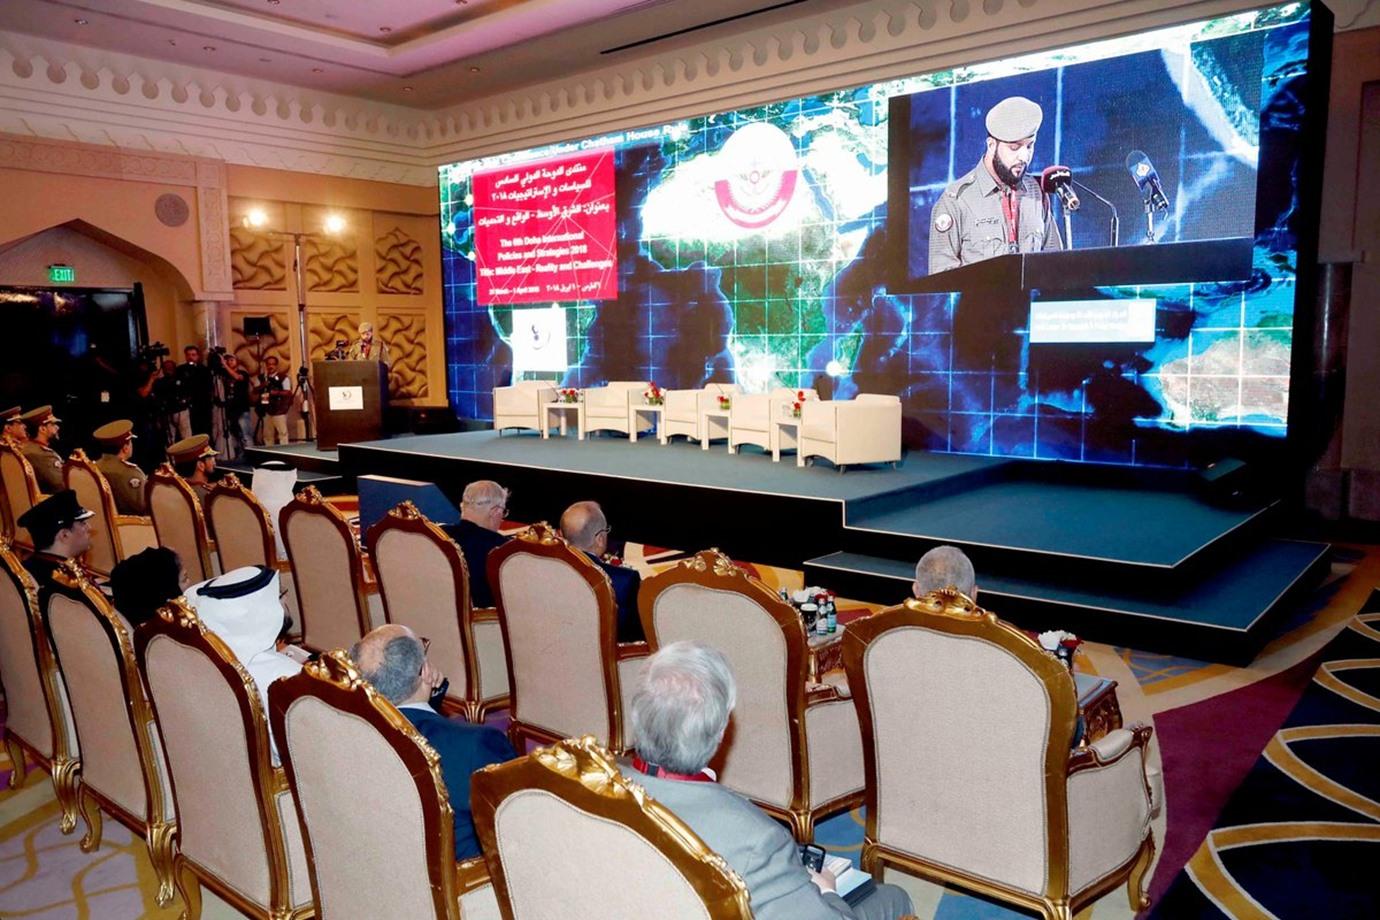 دراسة أمريكية: منتدى الدوحة يوفر منصة إعلامية لإرهاب إيران